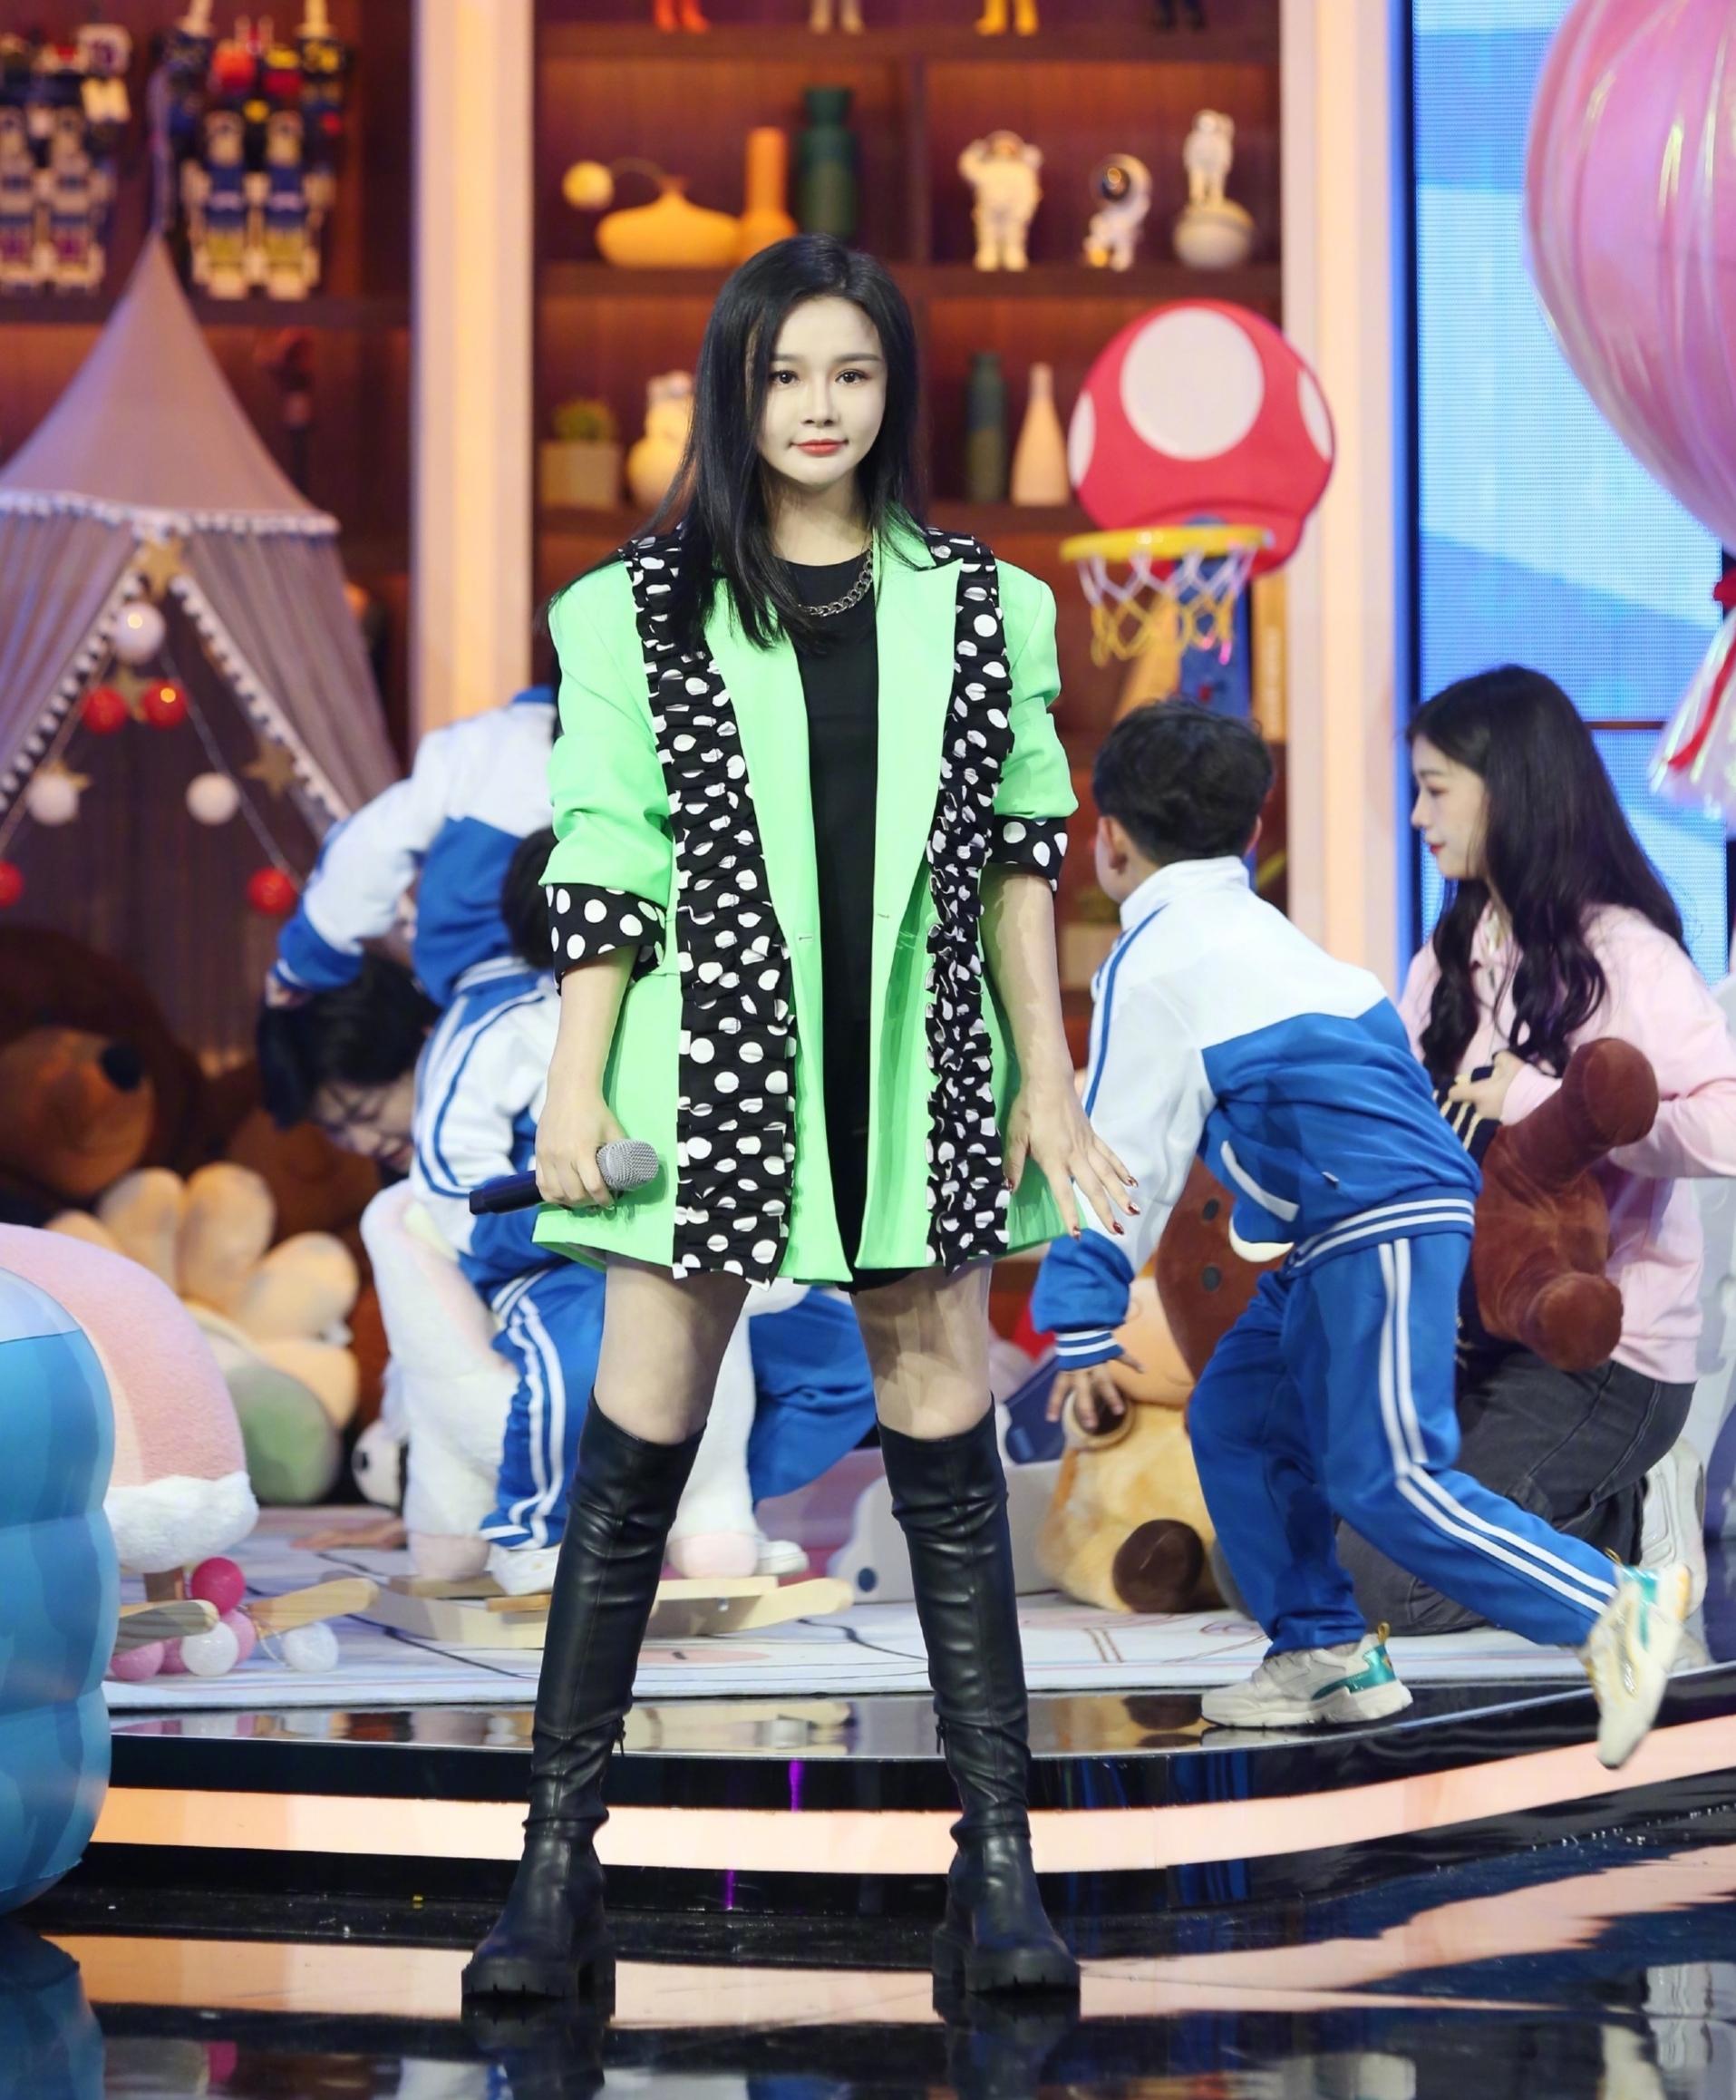 冉莹颖生三胎后重返综艺节目,秀长腿吸睛蔡国庆,迷妹:太好看了